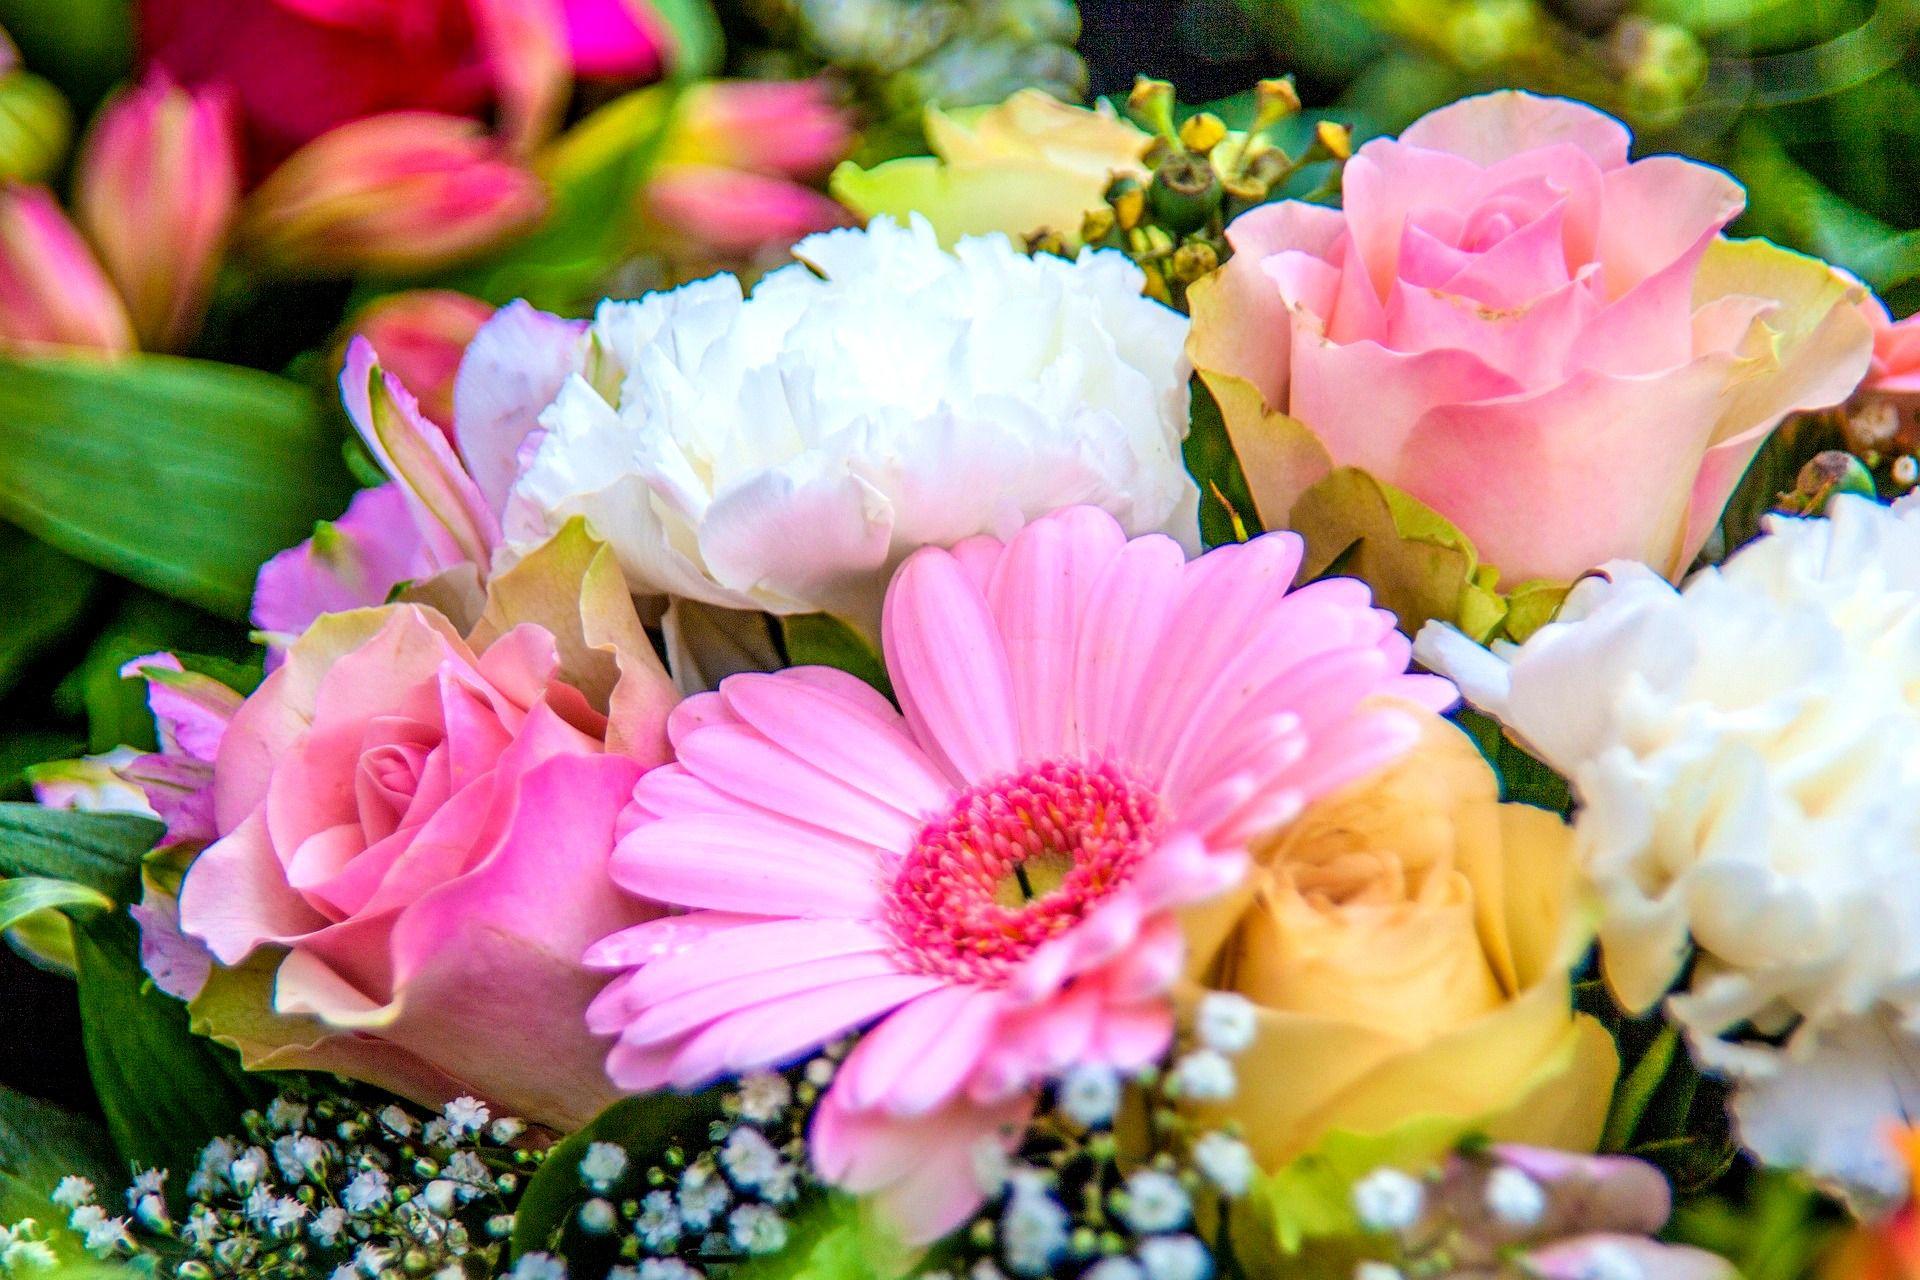 بالصور ورود جميلة , اجمل الورود و الذهور الرائعه 765 1